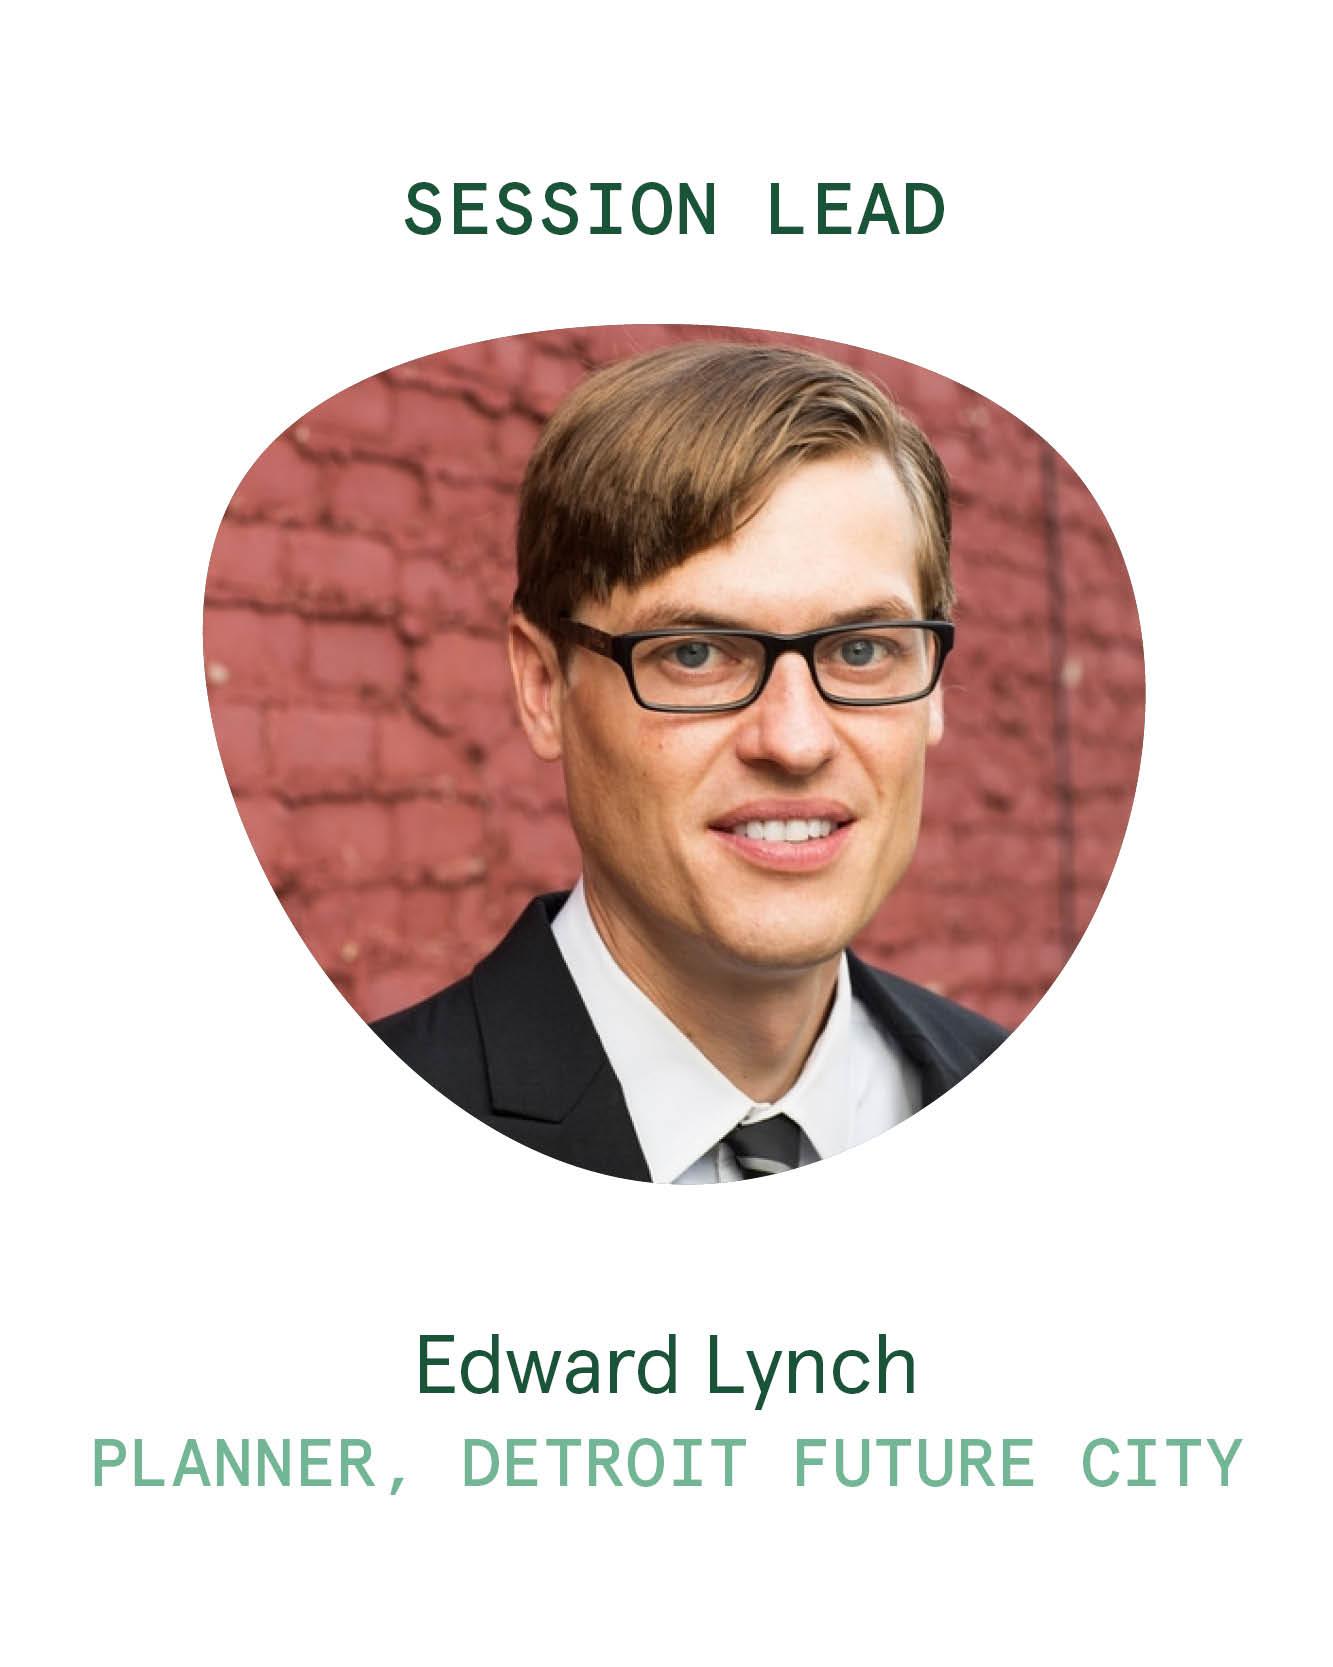 Session Lead_Edward Lynch